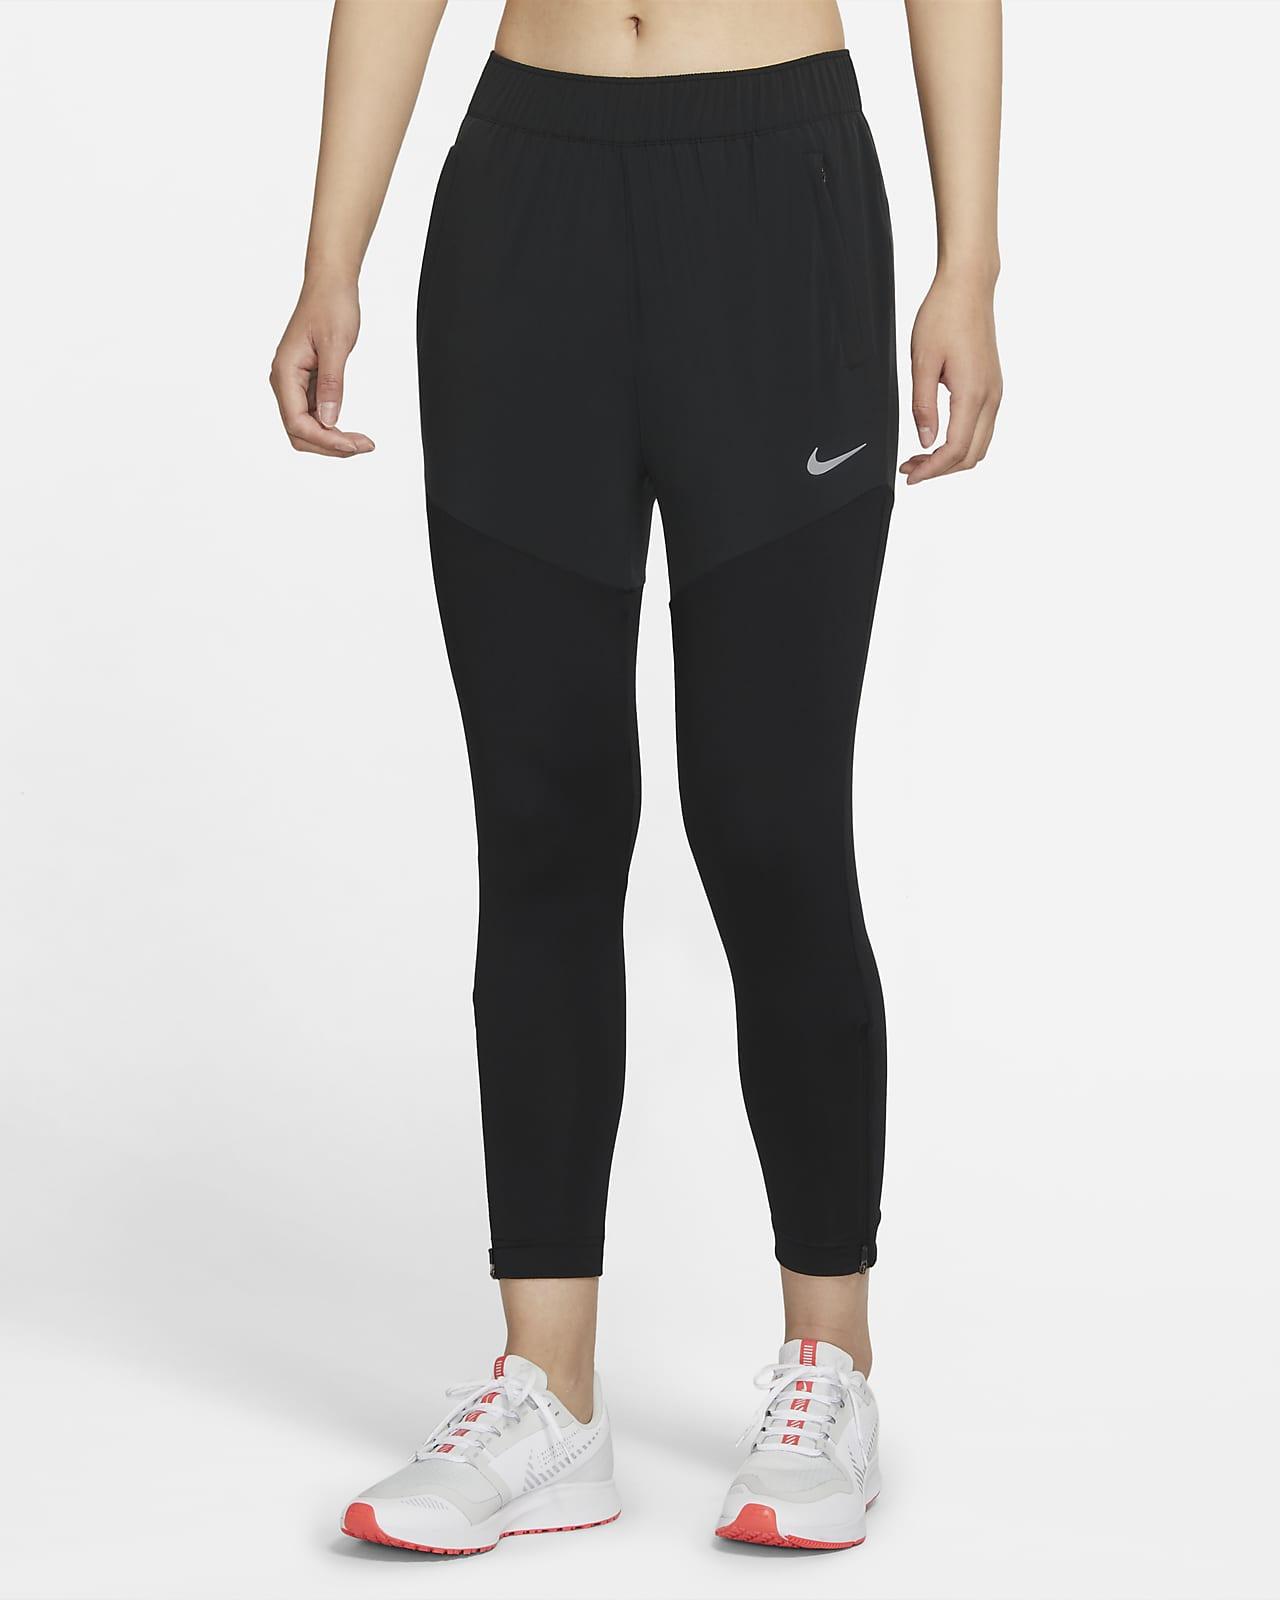 กางเกงวิ่งขายาวผู้หญิง Nike Dri-FIT Essential